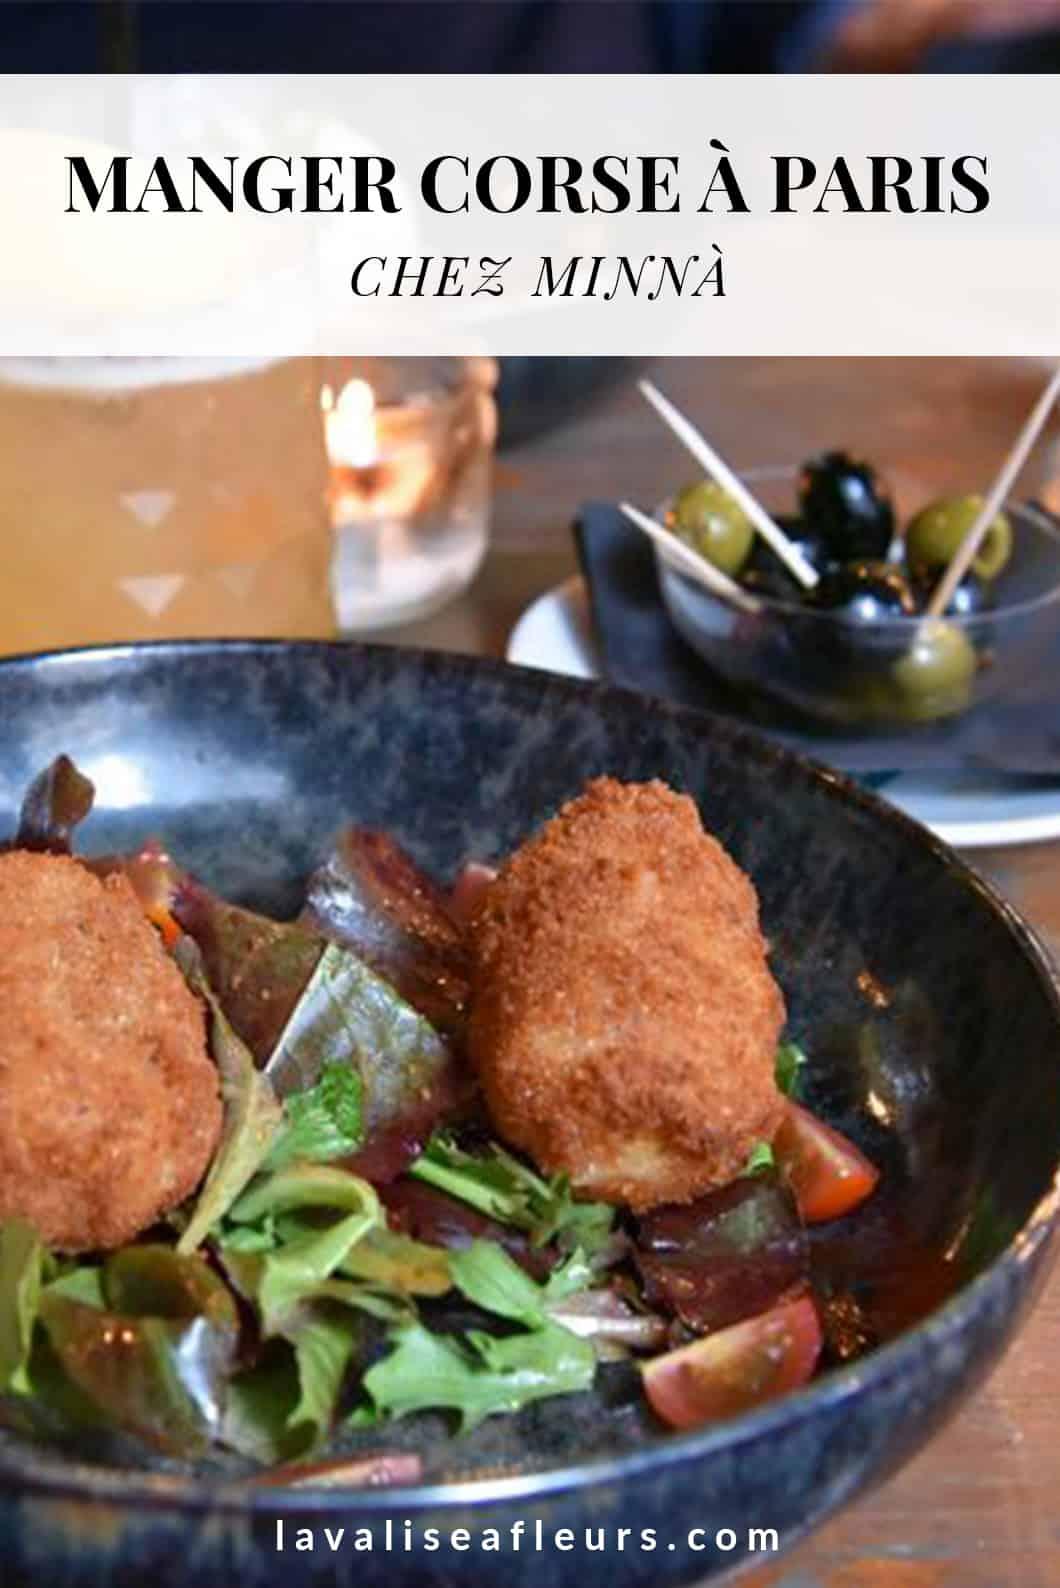 Chez Minnà, meilleur restaurant corse à Paris